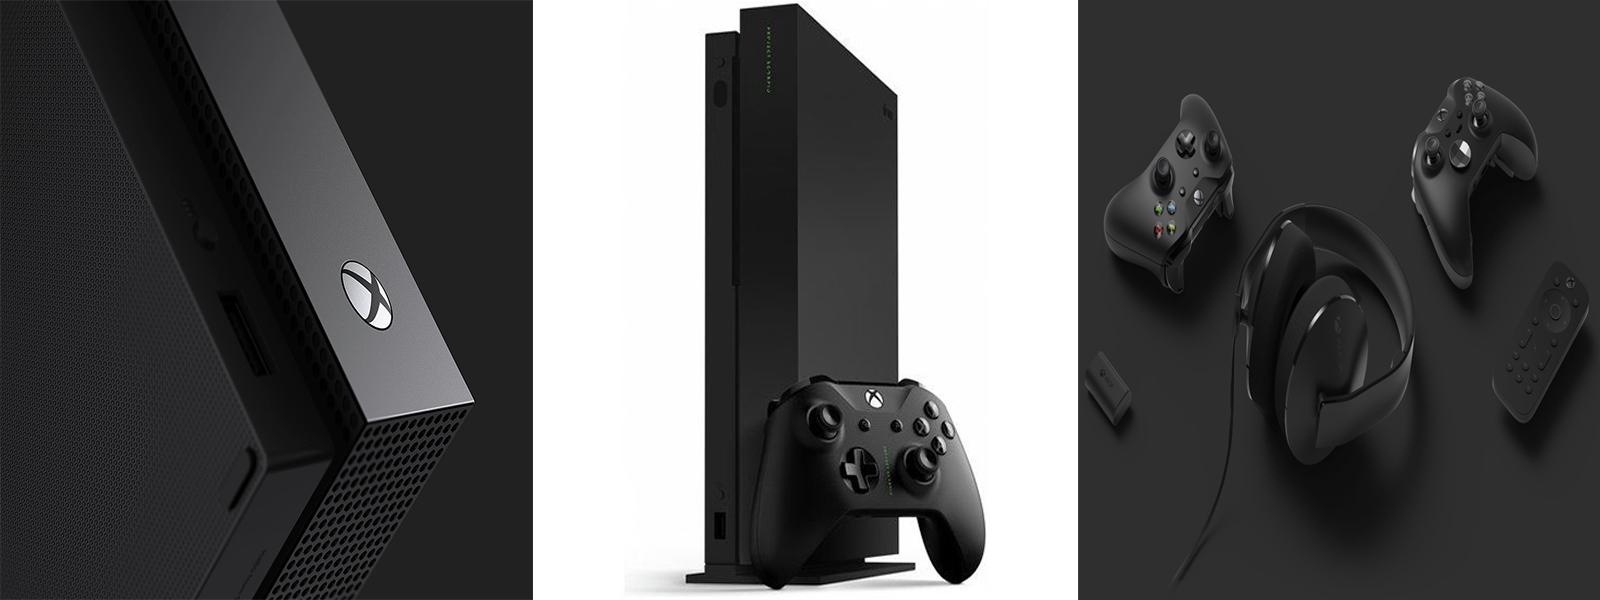 کنسول بازی Xbox One X همراه دو دسته